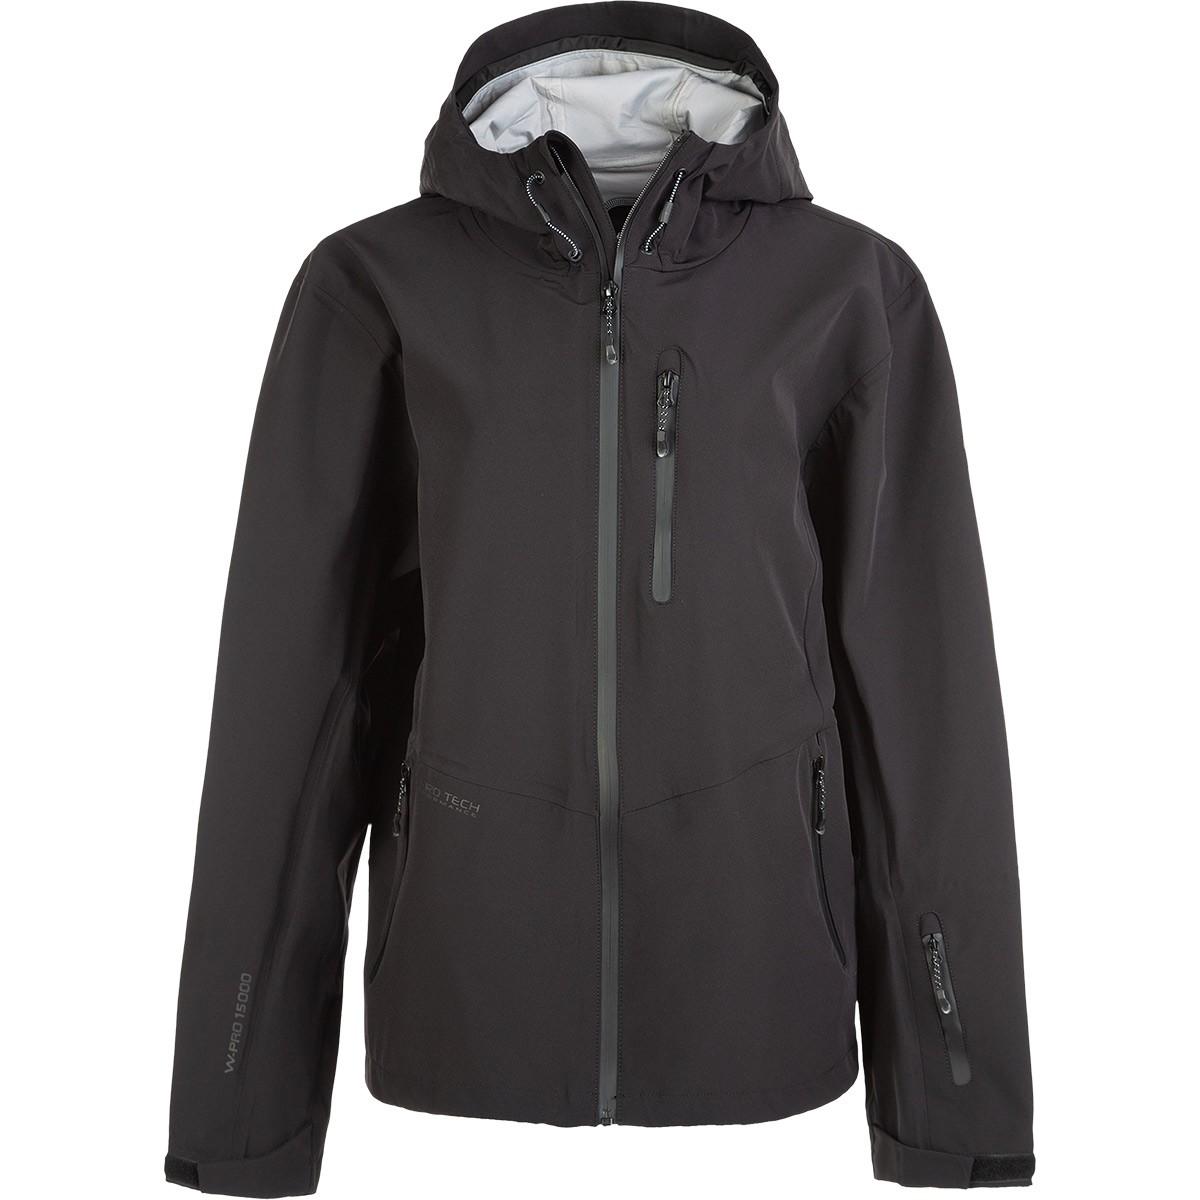 Kurtka narciarska mêska Whistler Roy M Hardshell Ski Jacket W-PRO 15000